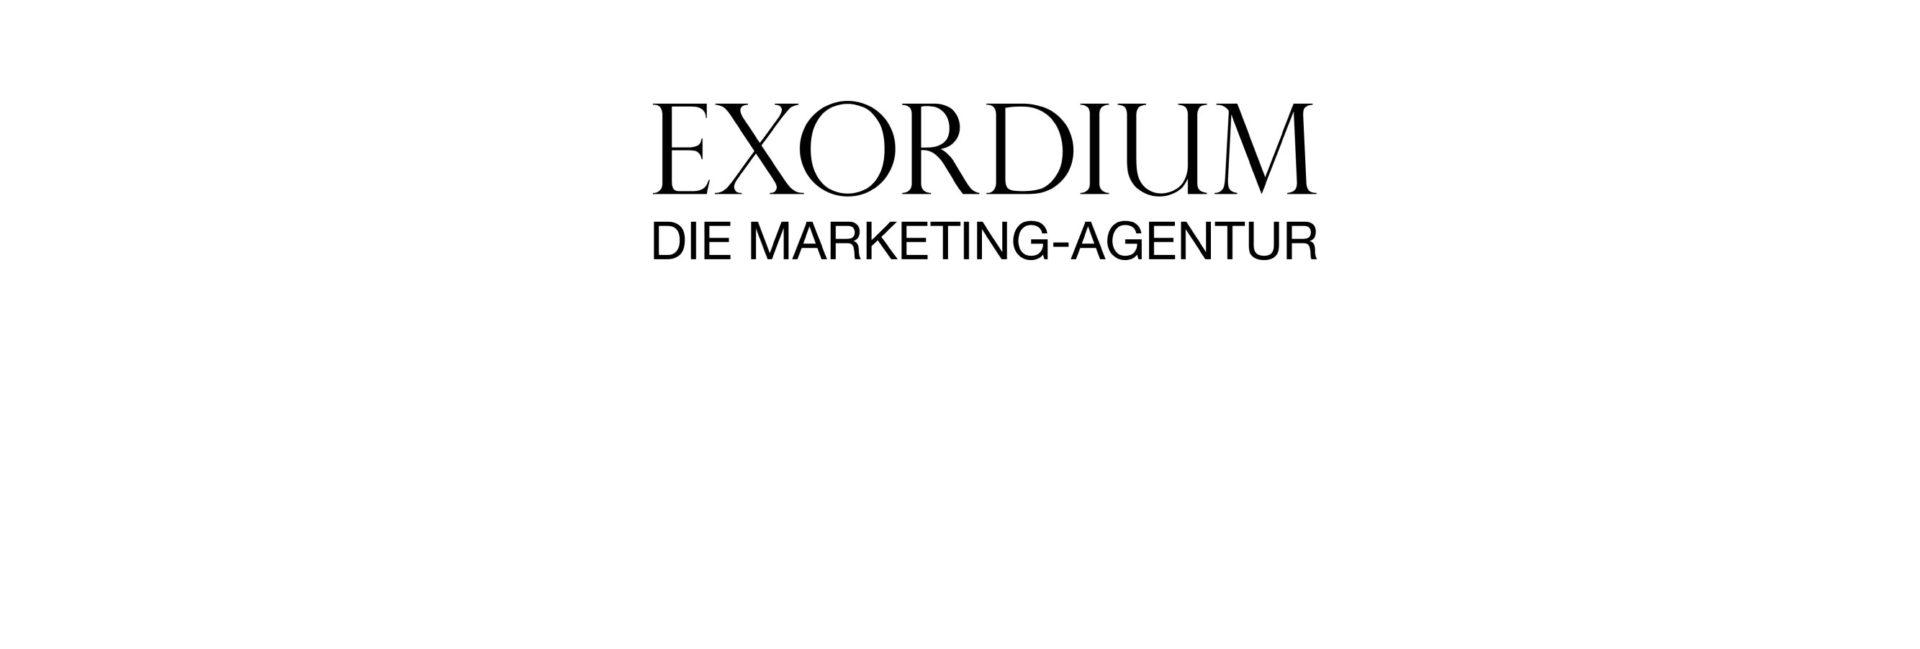 EXORDIUM wird neuer Bronze-Partner für unsere Handballabteilung